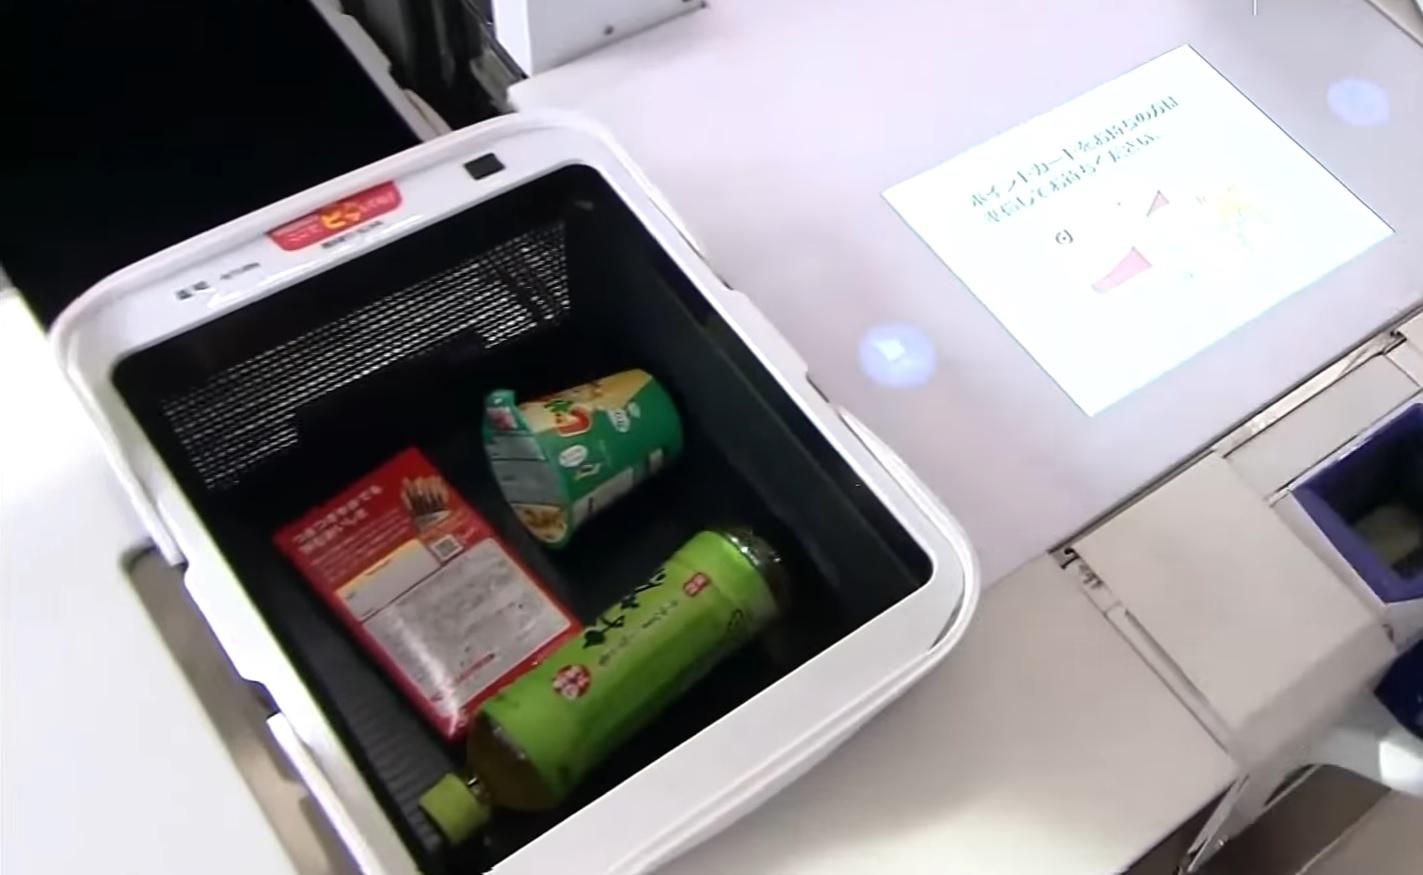 Panasonic's checkout robot